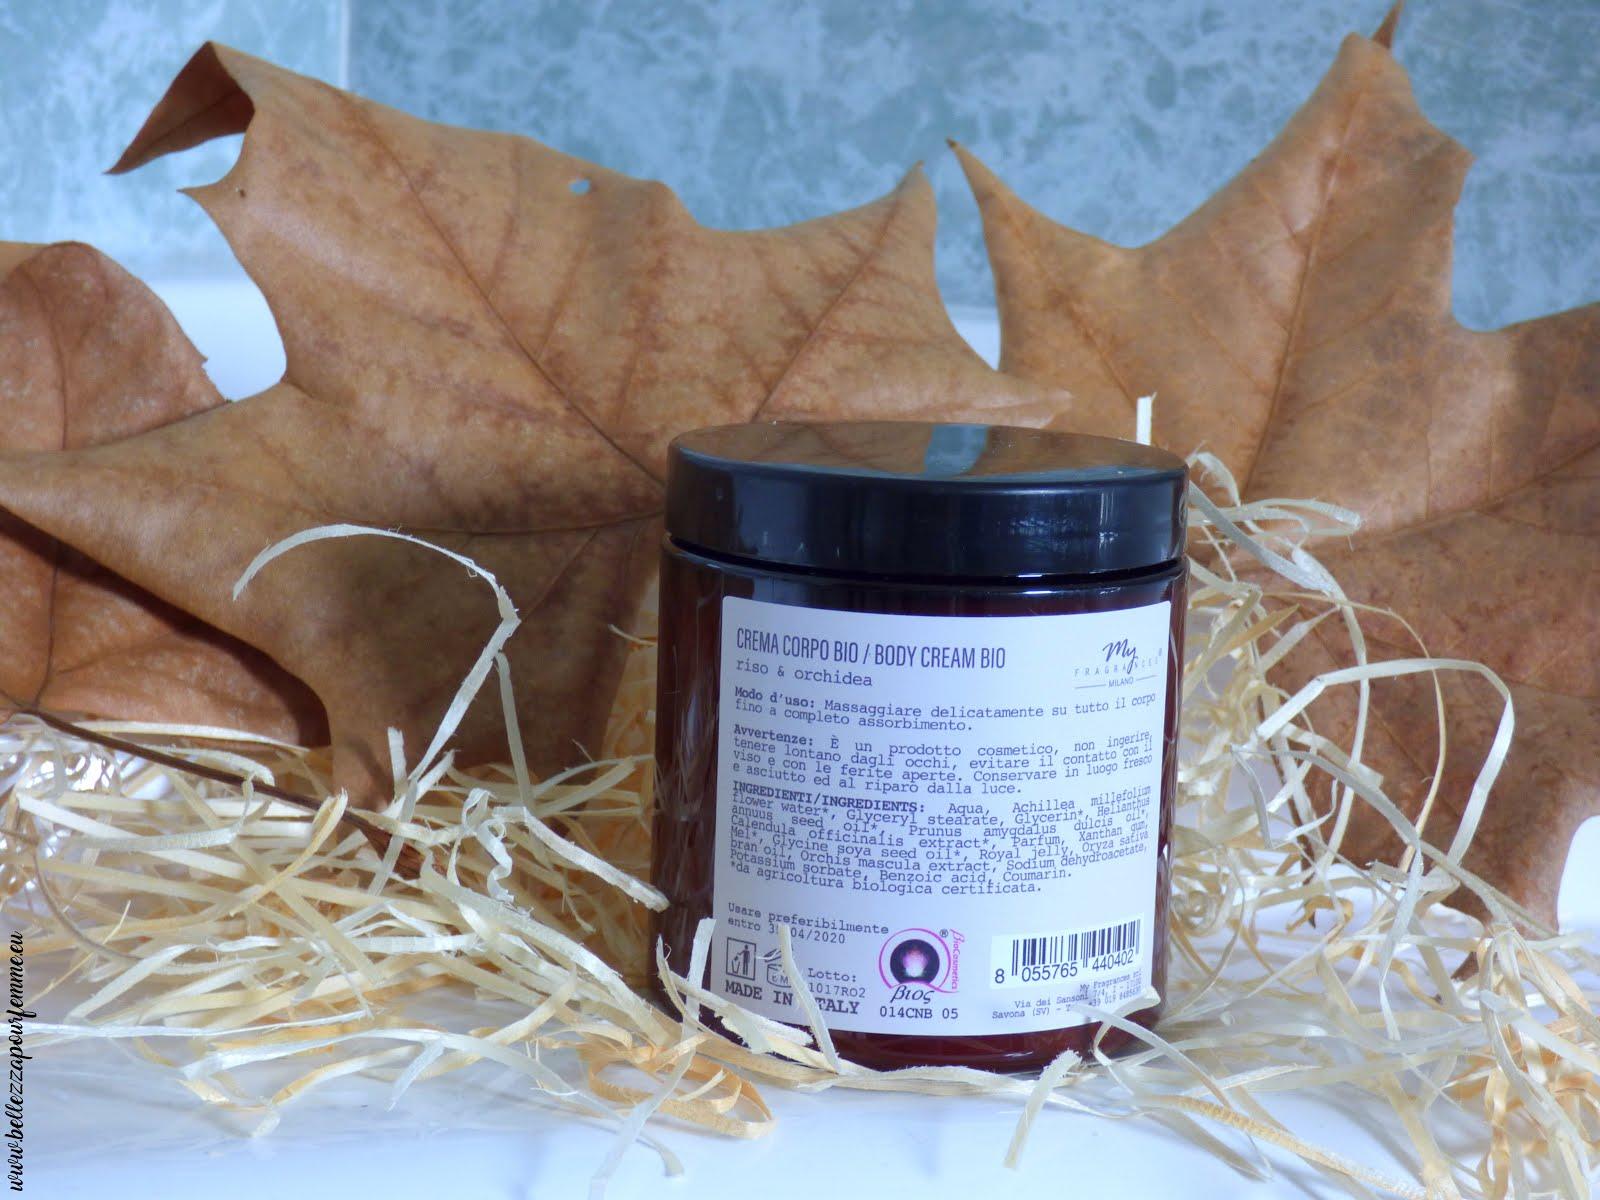 recensione My Fragrances crema corpo riso & orchidea con oli di orchidea & mandorle - bio certificato